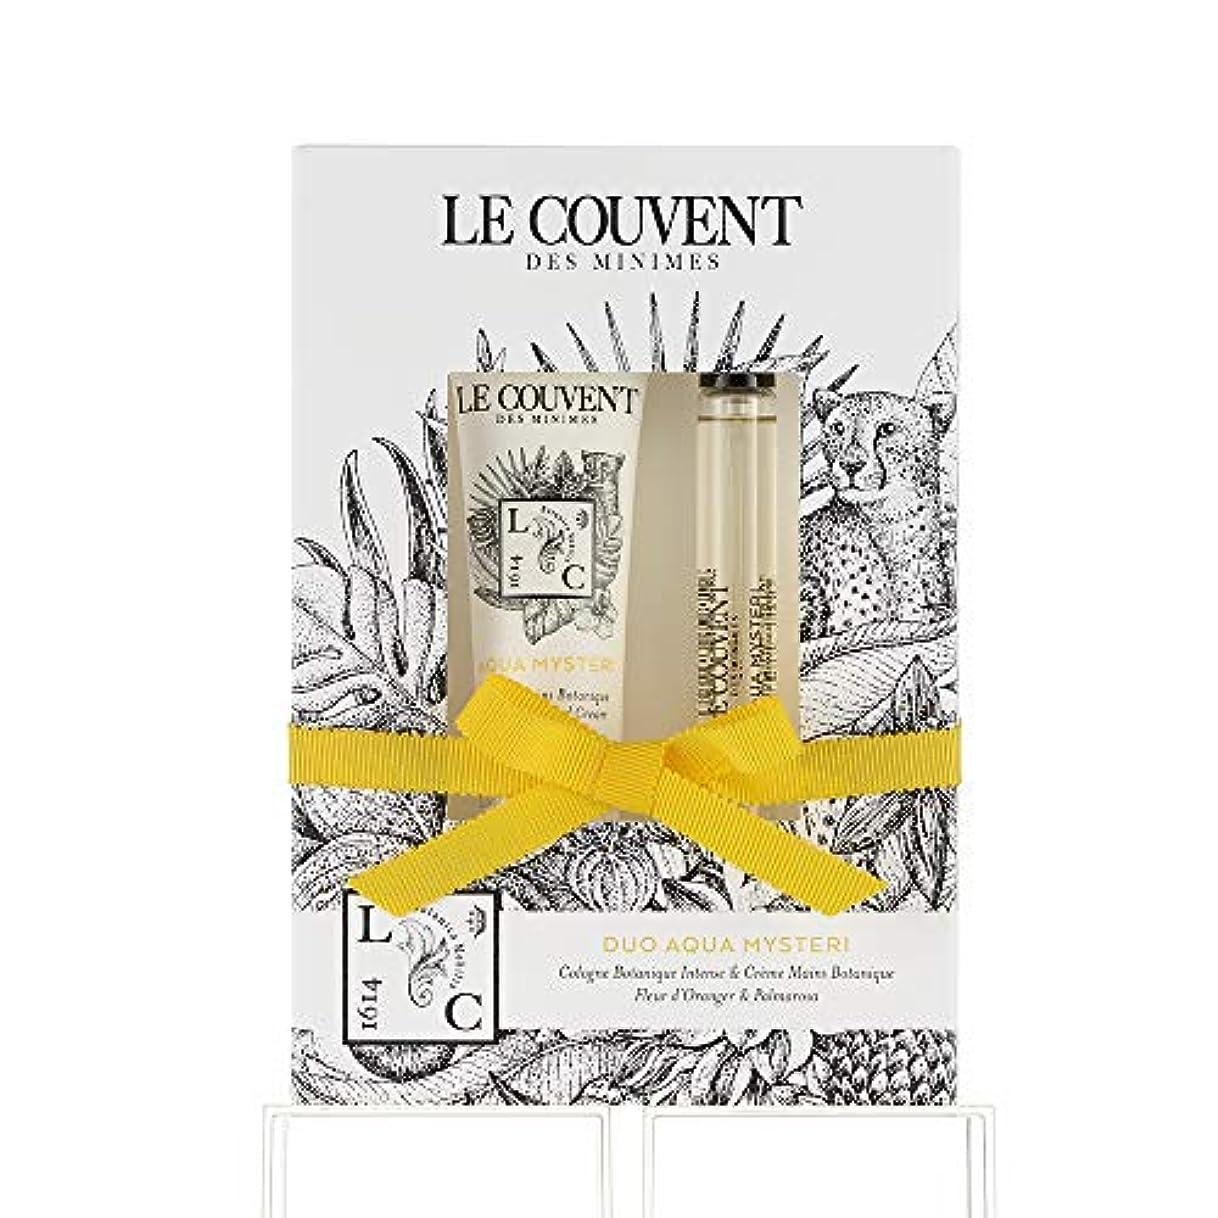 交じるランチ住所クヴォン?デ?ミニム(Le Couvent des Minimes) ボタニカルデュオ ボタニカルコロン アクアミステリ10mL×1、アクアミステリ ハンドクリーム30g×1